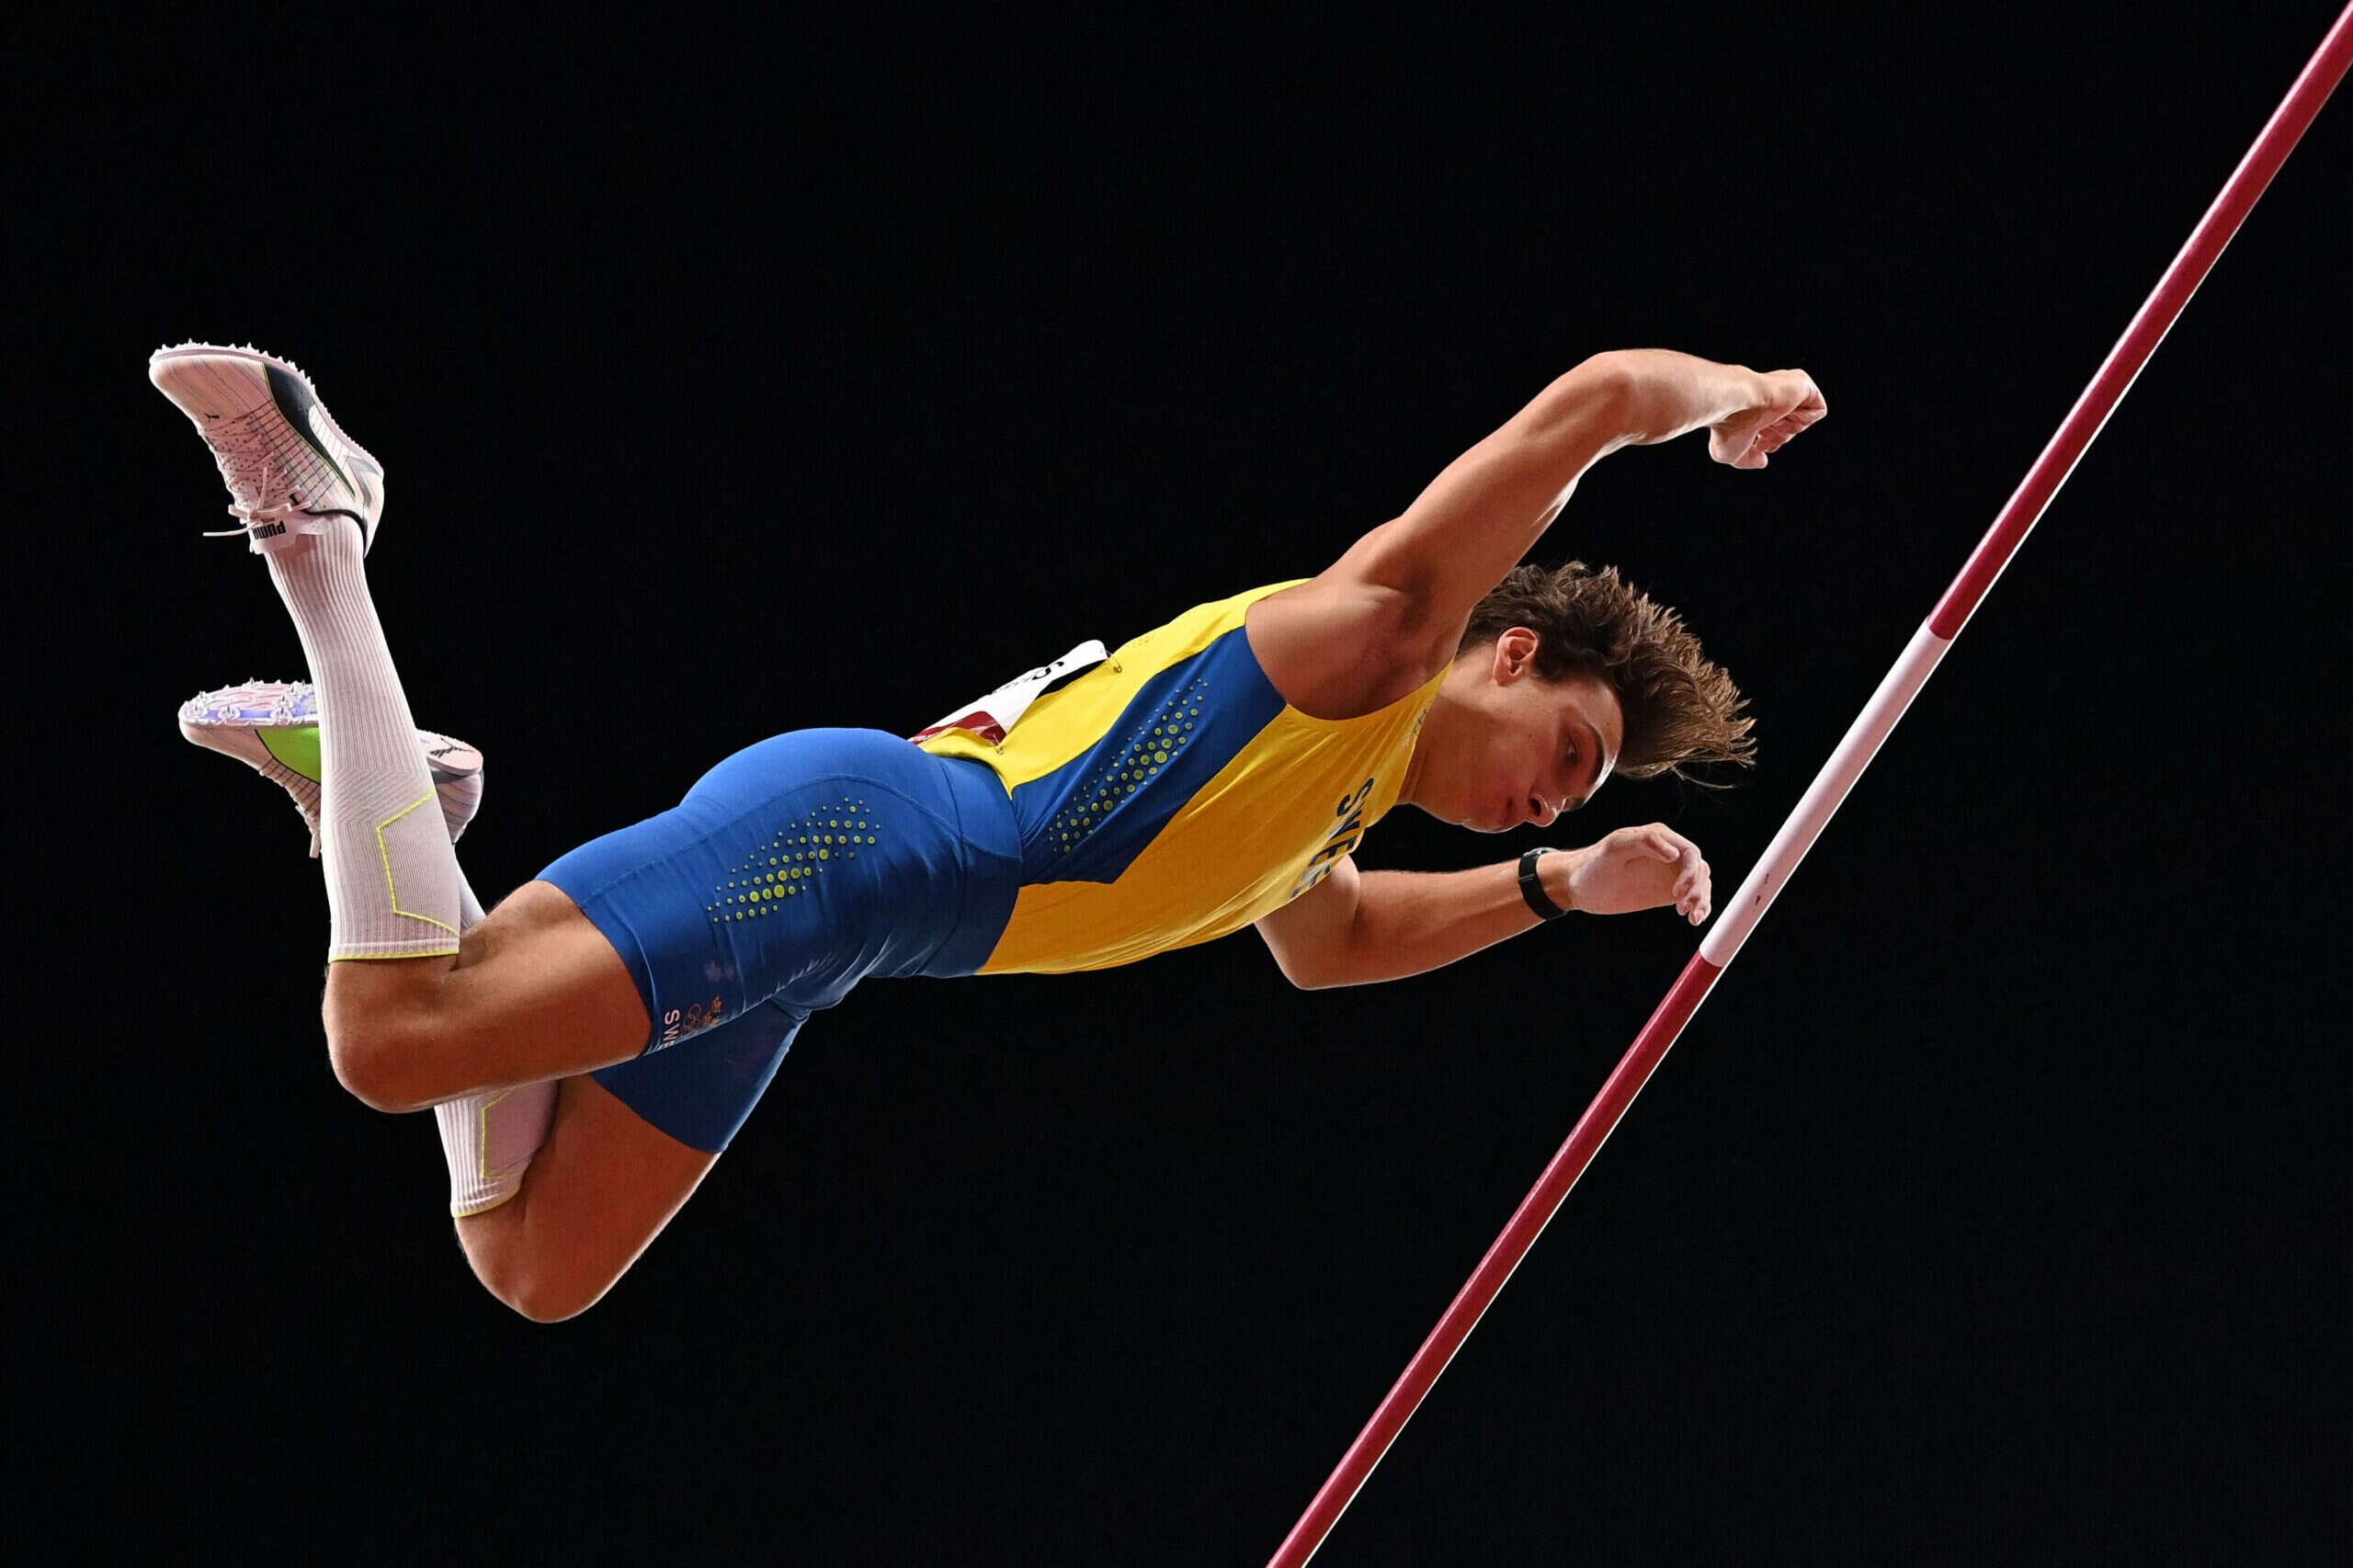 הפסיד לעצמו: מונדו דופלנטיס רצה יותר ממדליית זהב